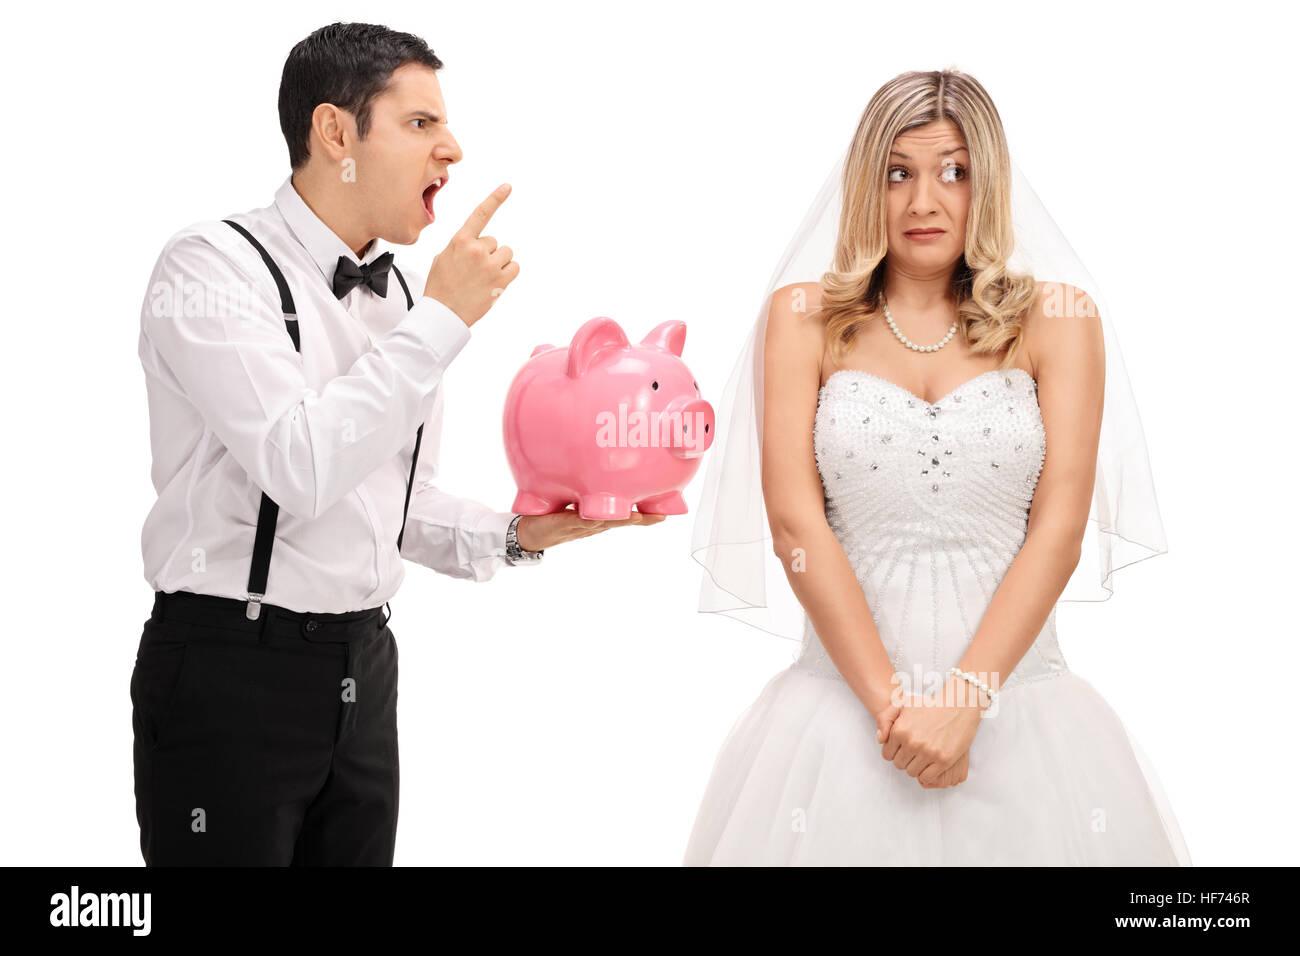 Arrabbiato groom tenendo un piggybank e scolding un imbarazzato sposa isolati su sfondo bianco Immagini Stock